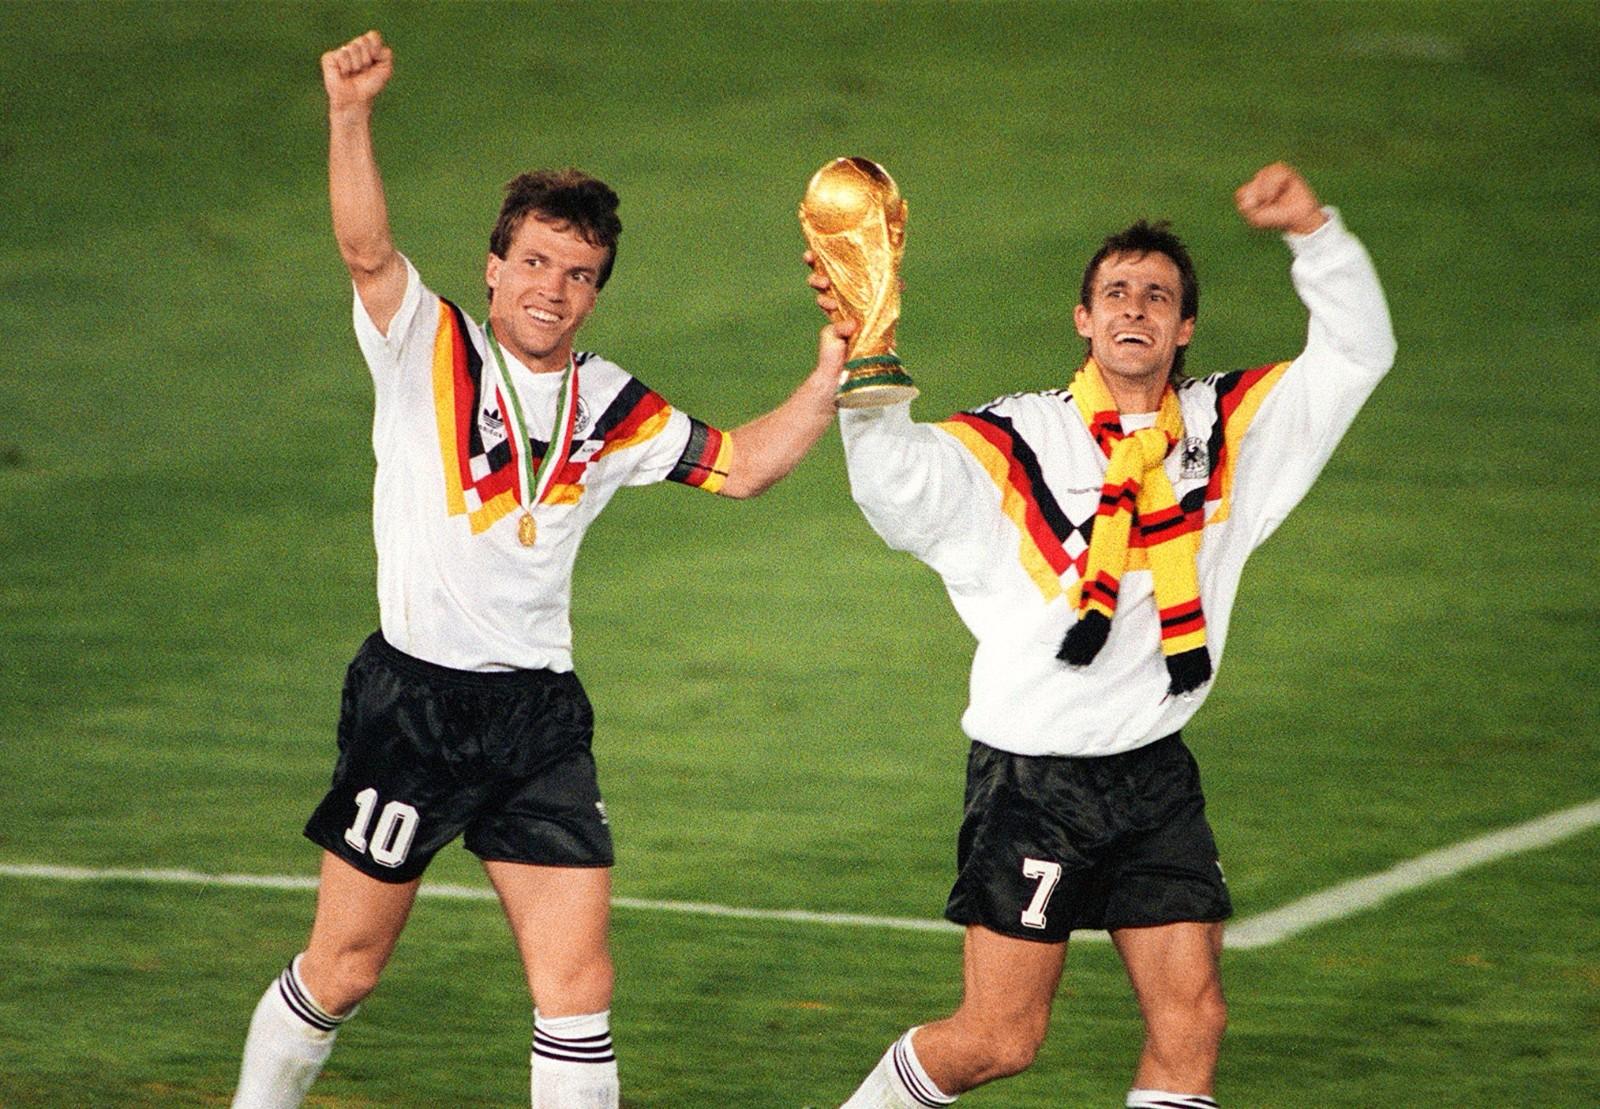 1990年世界杯,由贝肯鲍尔带领的西德铁军,队内云集马特乌斯、克林斯曼、布雷默等实力球员,他们在1982、1986连续两次获得亚军后终于在1990年如愿以偿。\\\\r\\\\n图为1990年7月8日,连续三次参加世界杯的西德球员马特乌斯(左)与利特巴尔斯基在夺得冠军后庆祝。